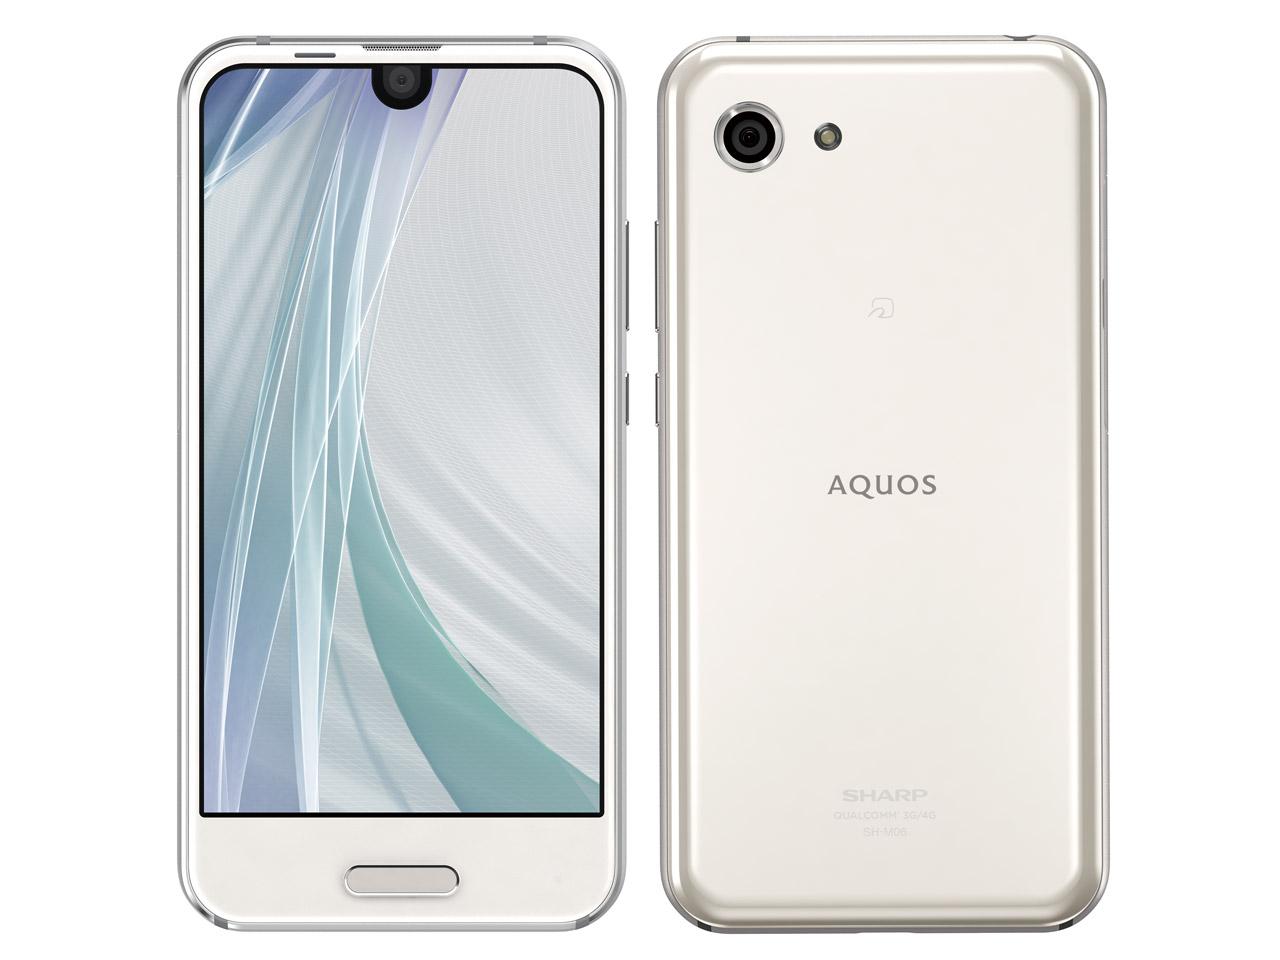 シャープ AQUOS R compact 製品画像